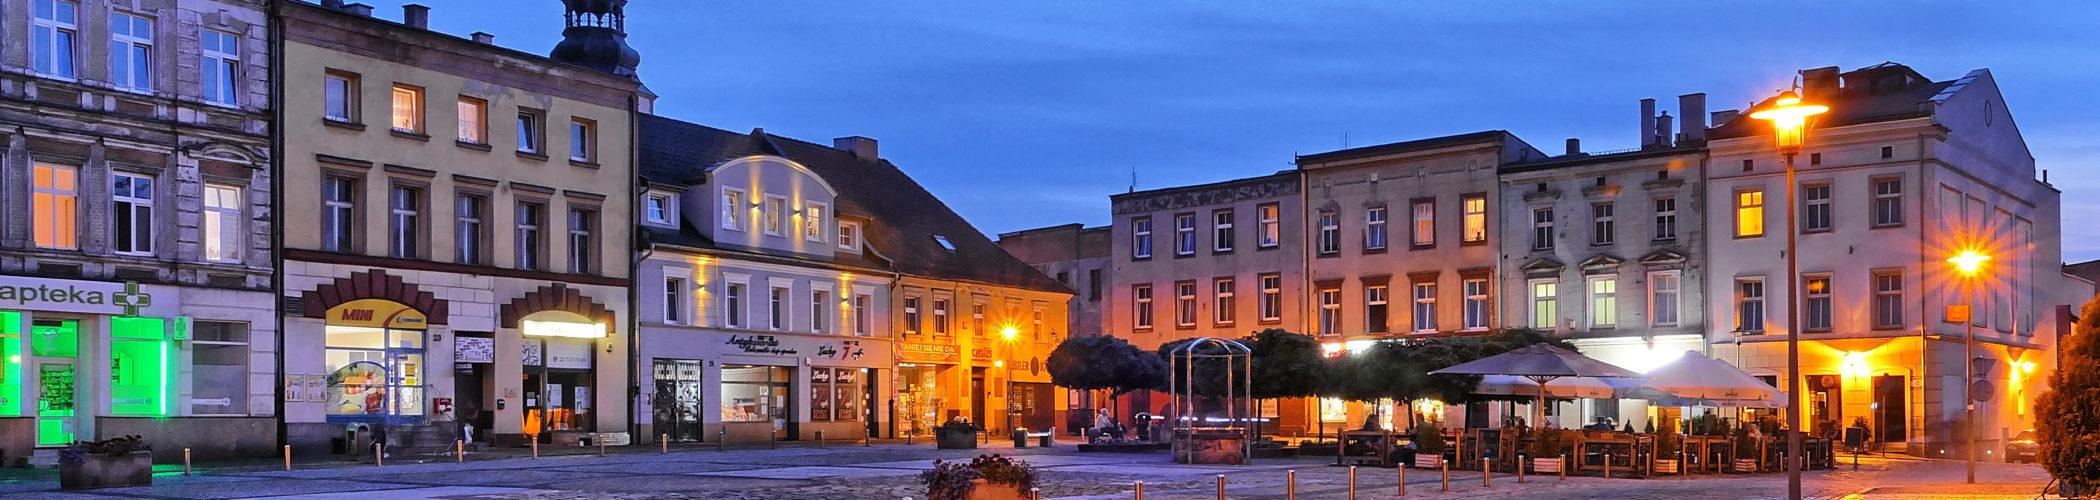 Zdjęcie starego rynku w Mysłowicach